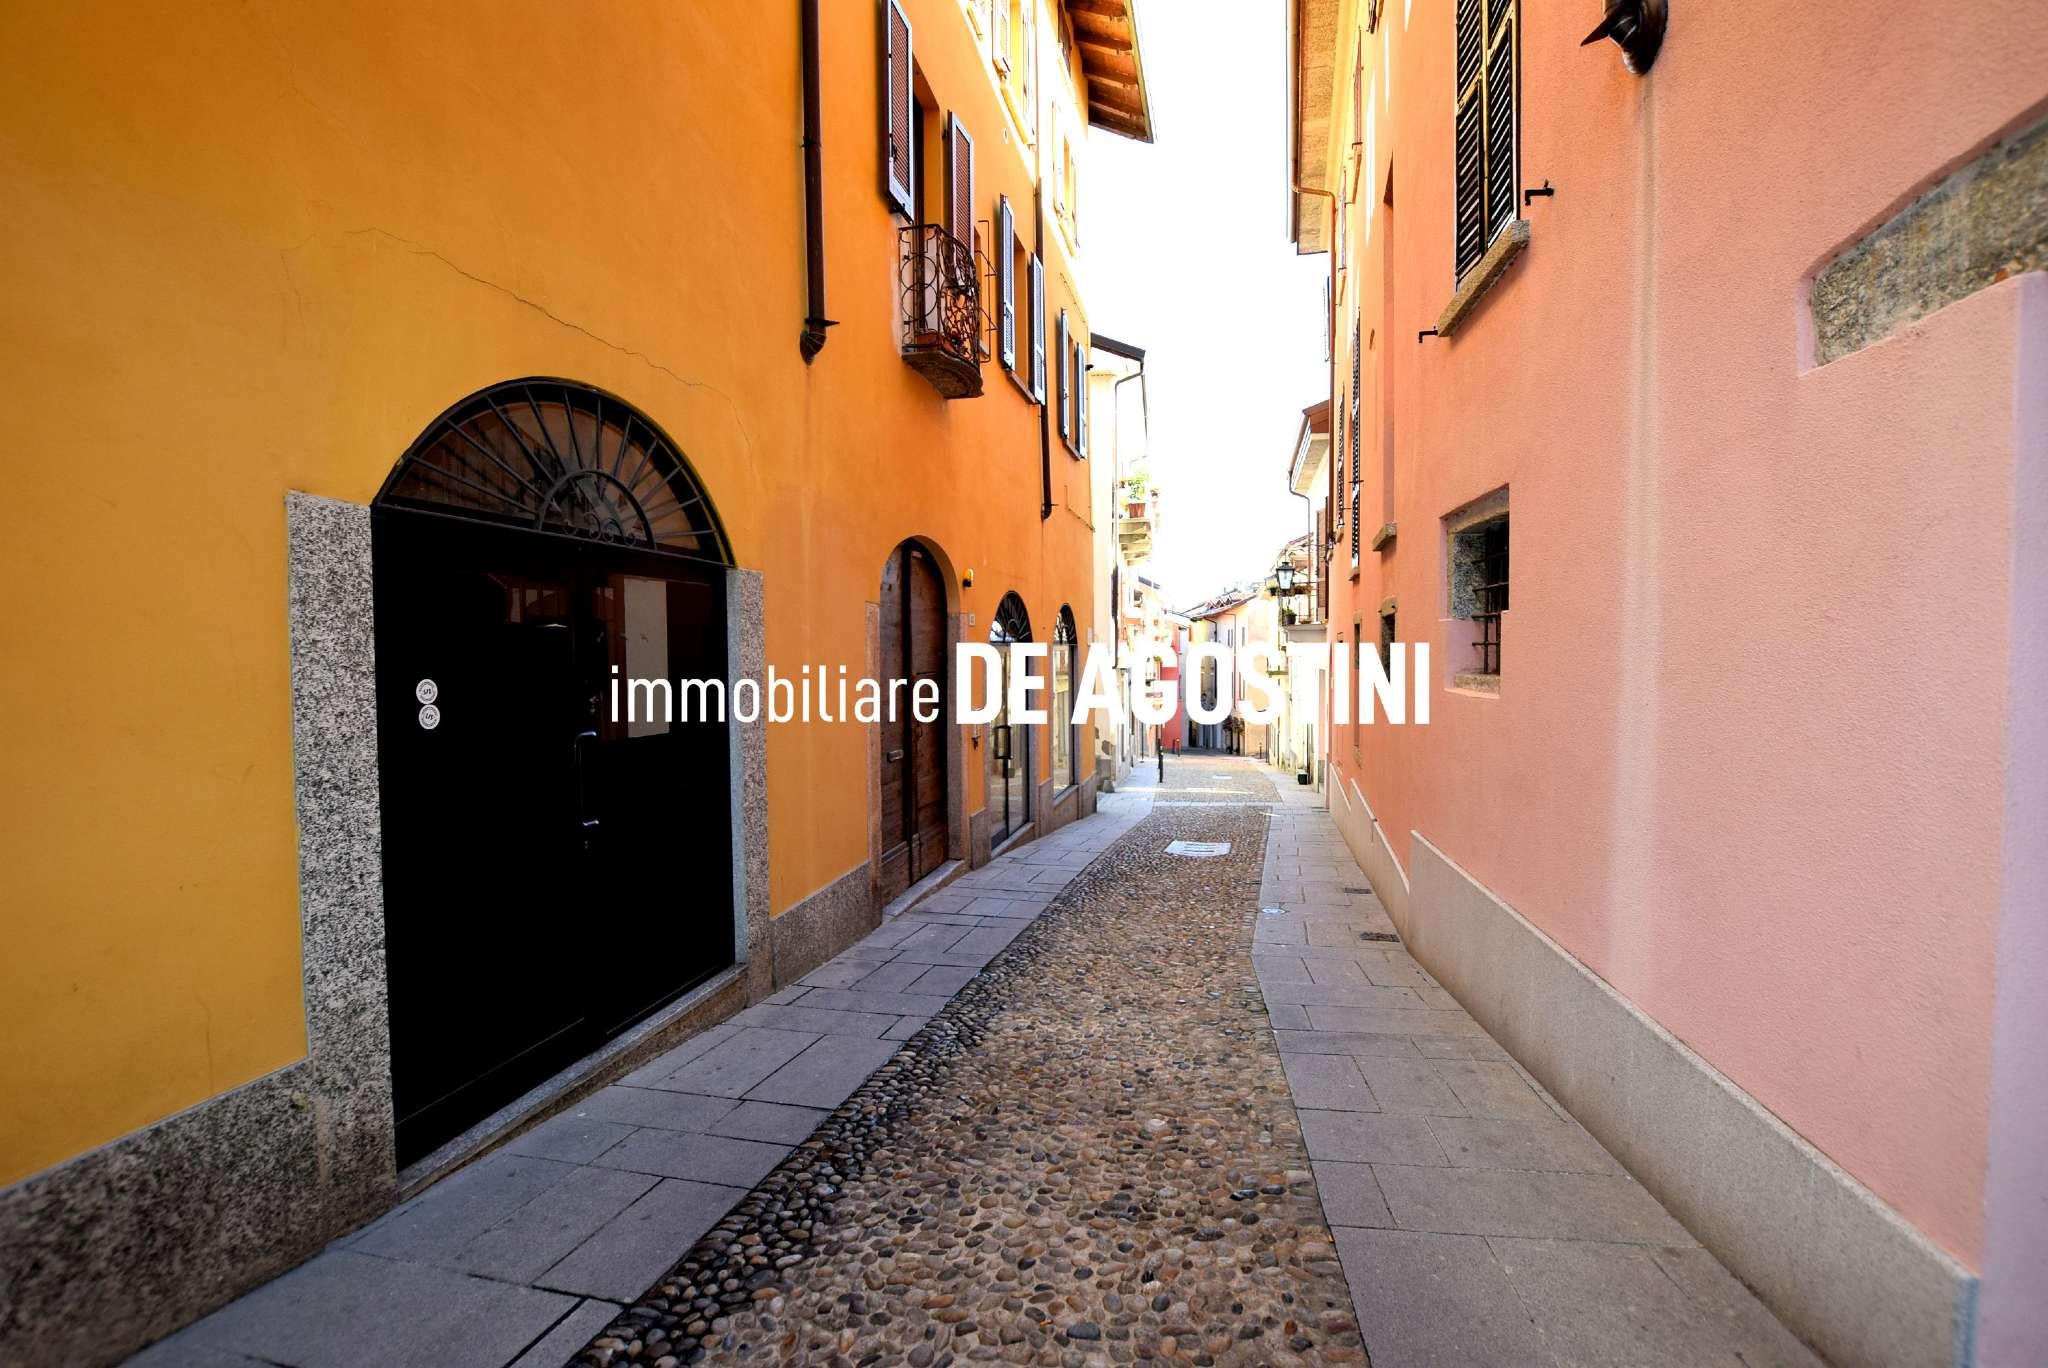 Negozio / Locale in vendita a Arona, 1 locali, prezzo € 75.000 | CambioCasa.it